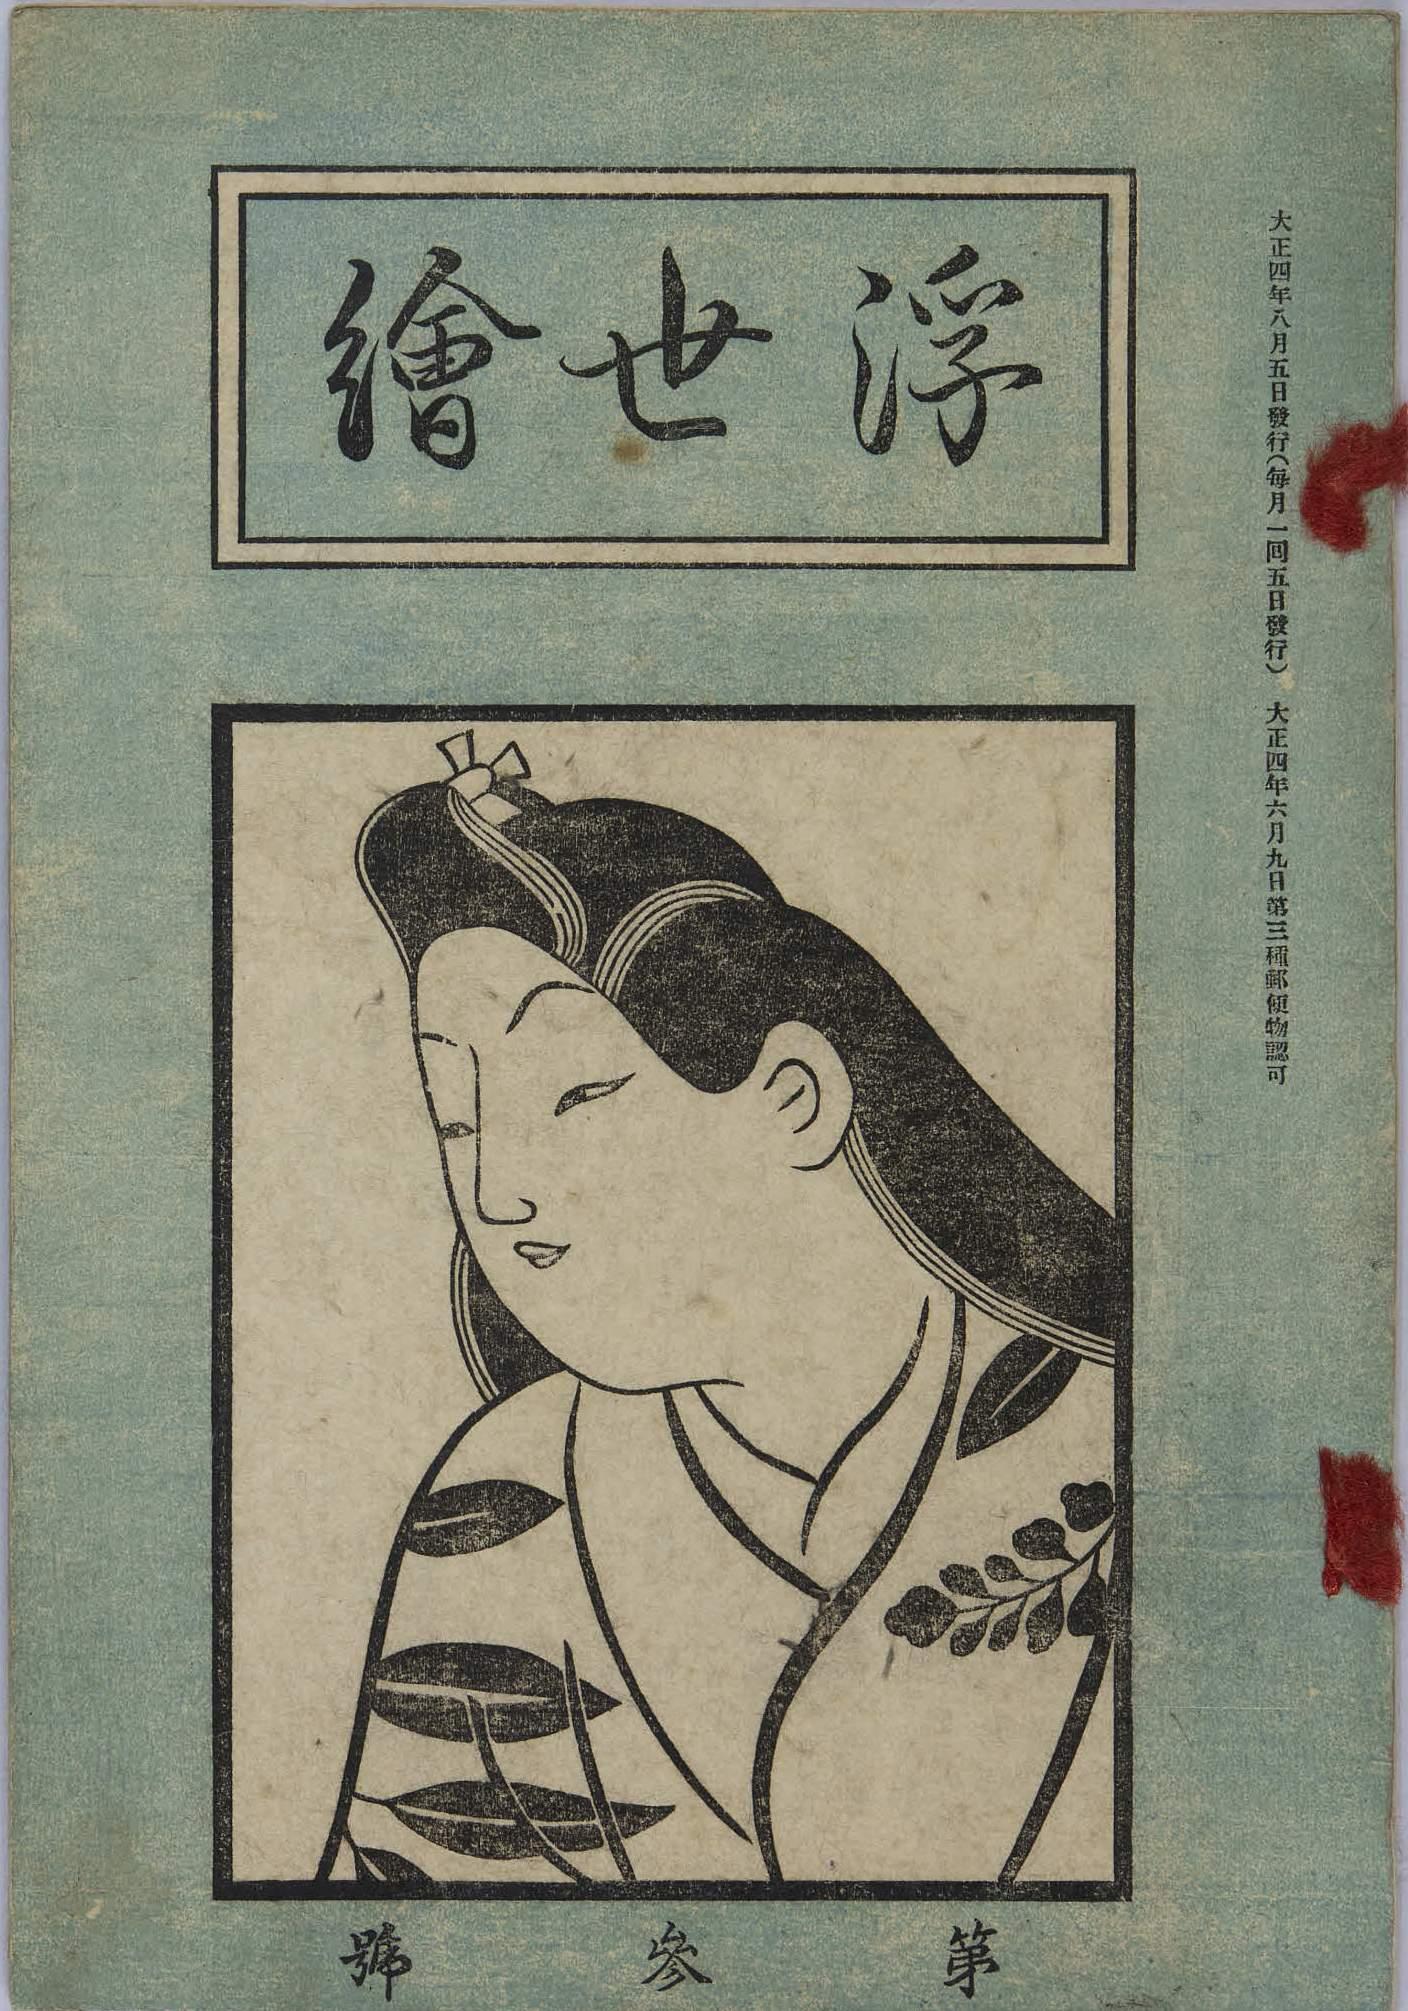 浮世繪(浮世繪社)大正4年(1915)創刊